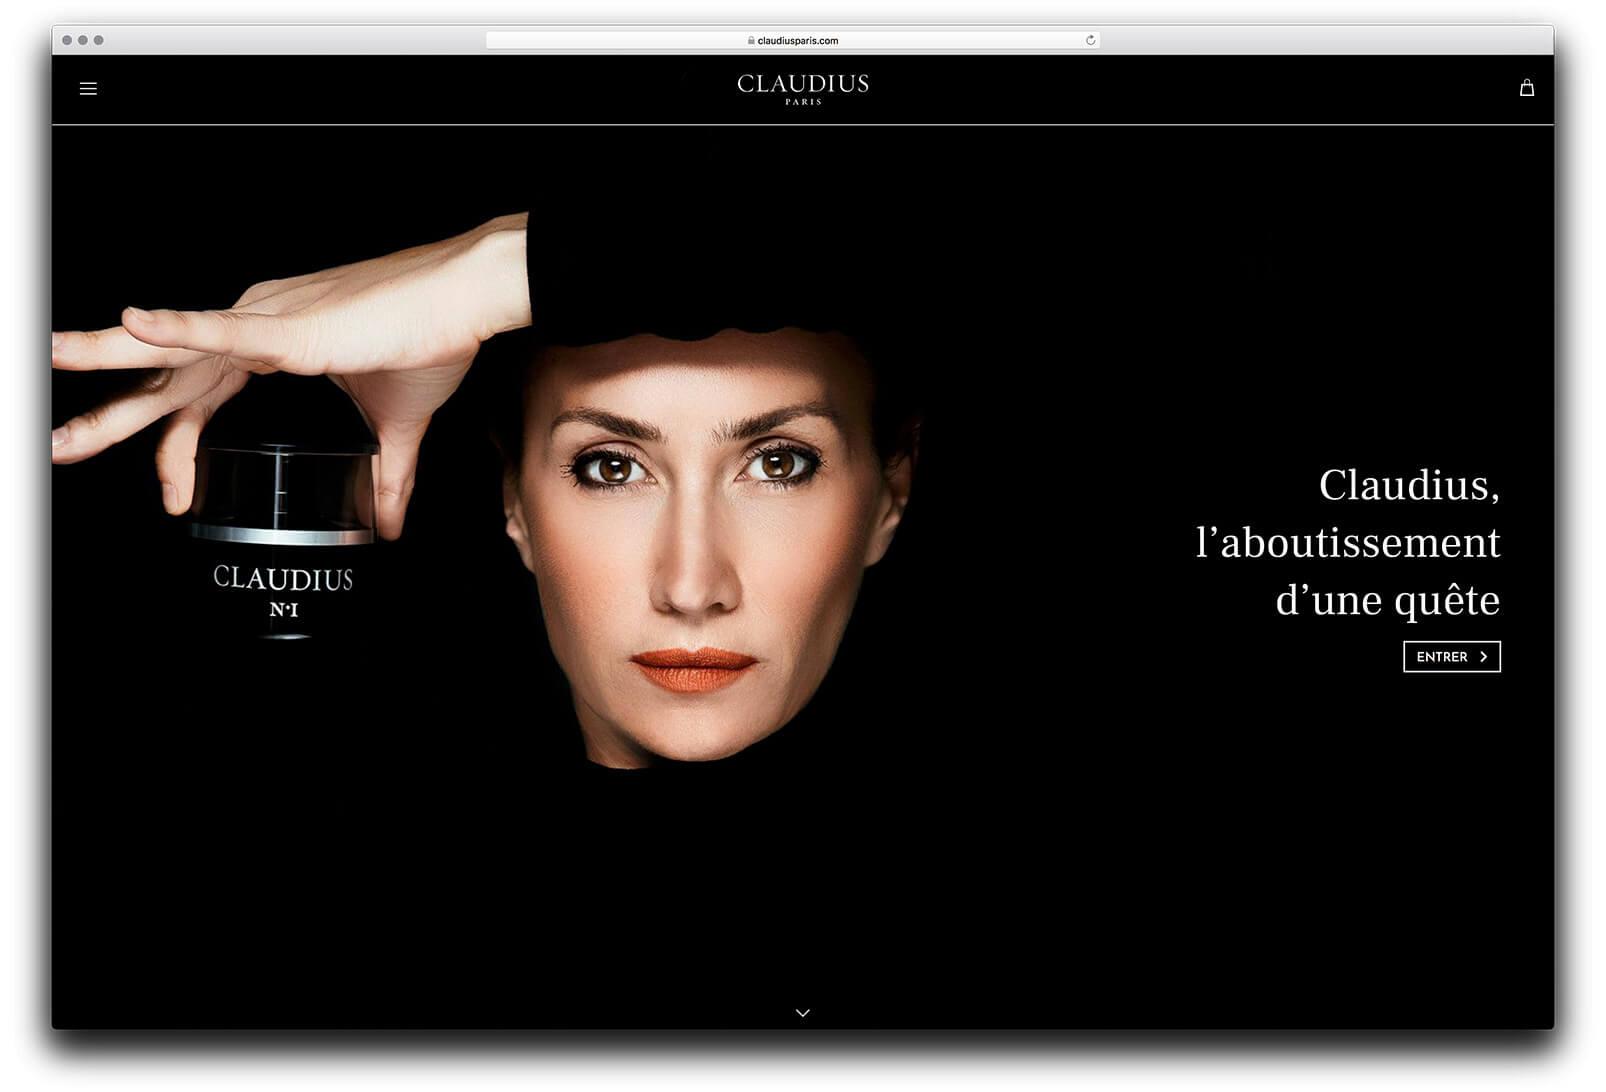 Site internet de Claudius, page d'accueil sur histoire la marque et de sa fondatrice Sophie Guillou, design par Ichekar